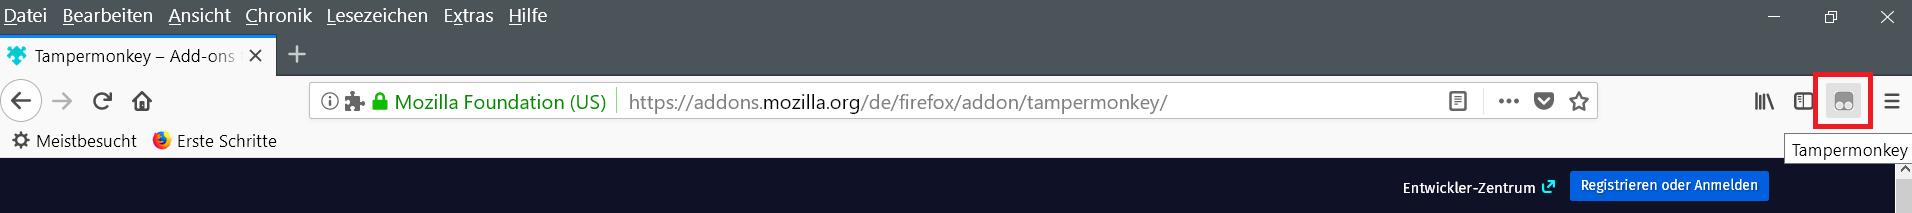 tm icon neu - Firefox die Tab Erkennung deaktivieren